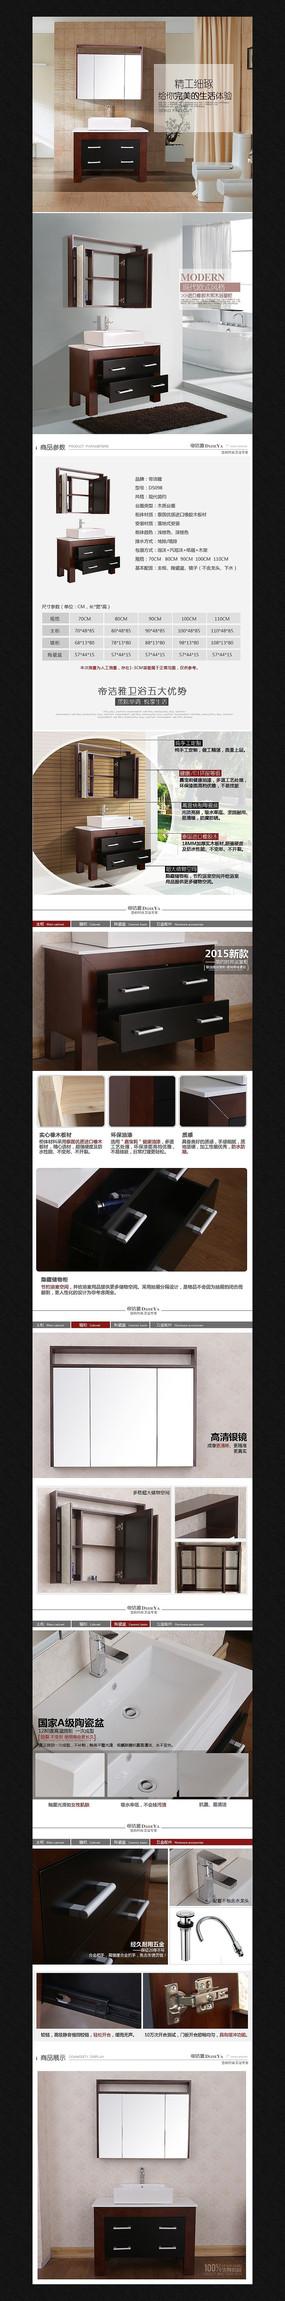 淘宝天猫实木家具详情页设计